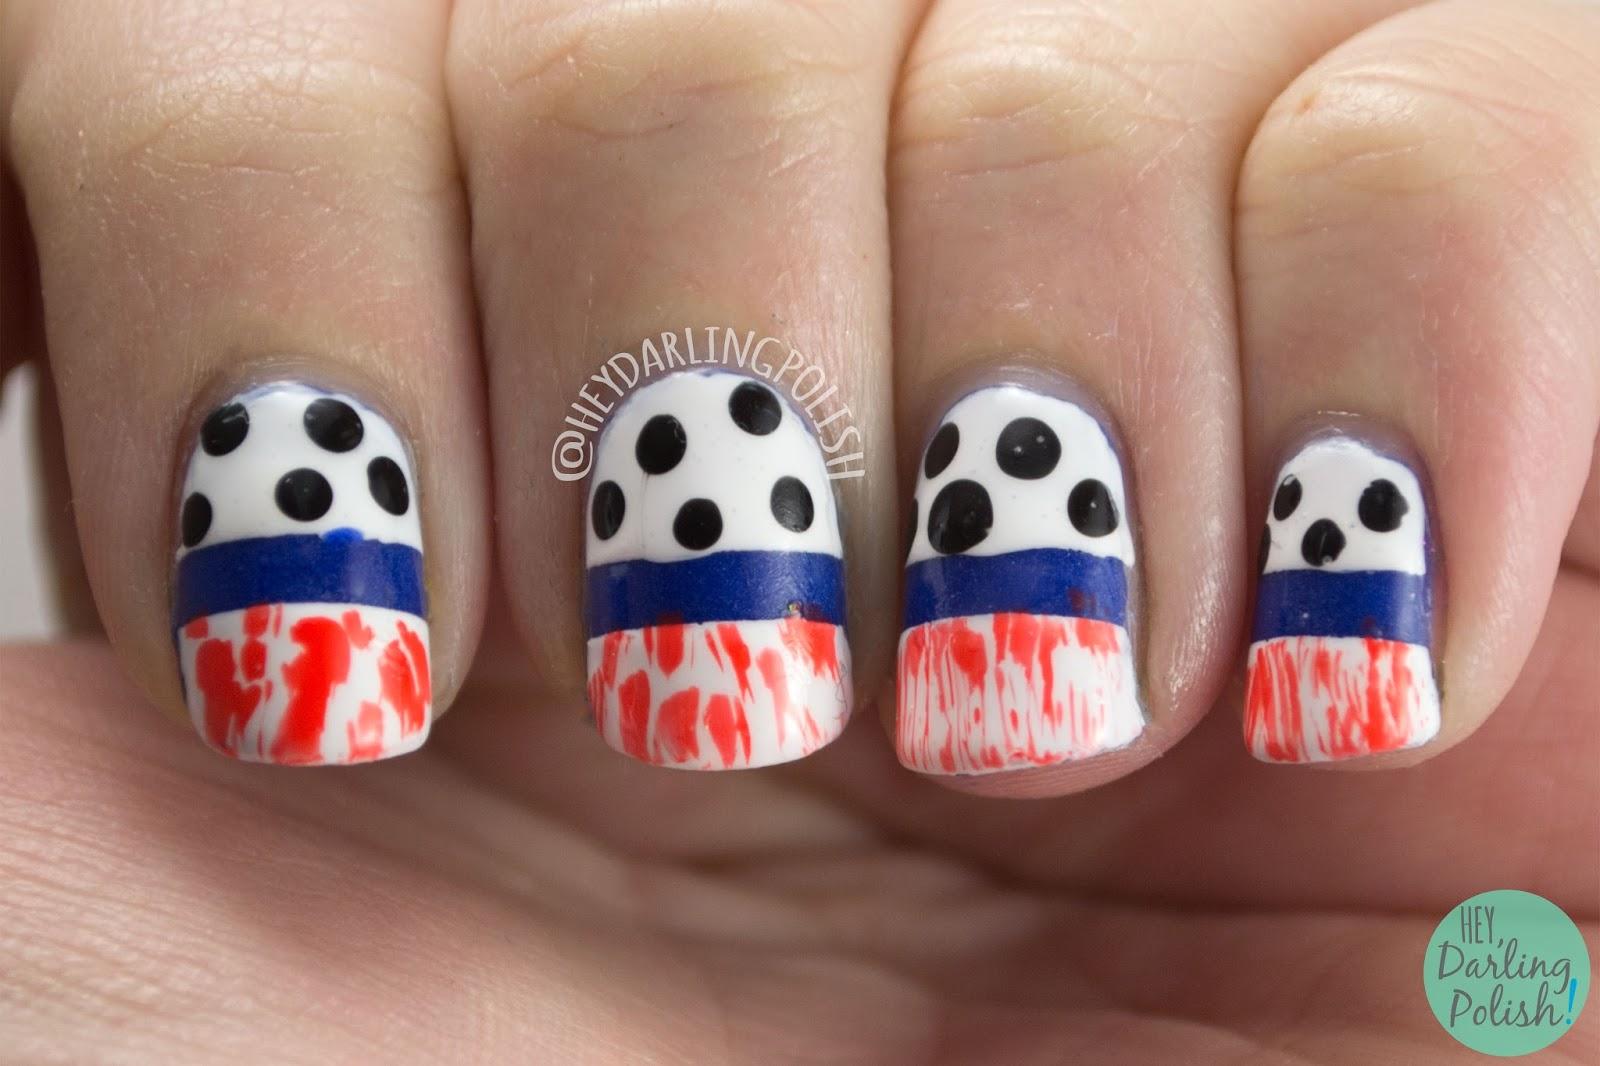 nails, nail art, nail polish, hey darling polish, fashion, polka dots, distressed, orange, white, blue, the nail challenge collaborative